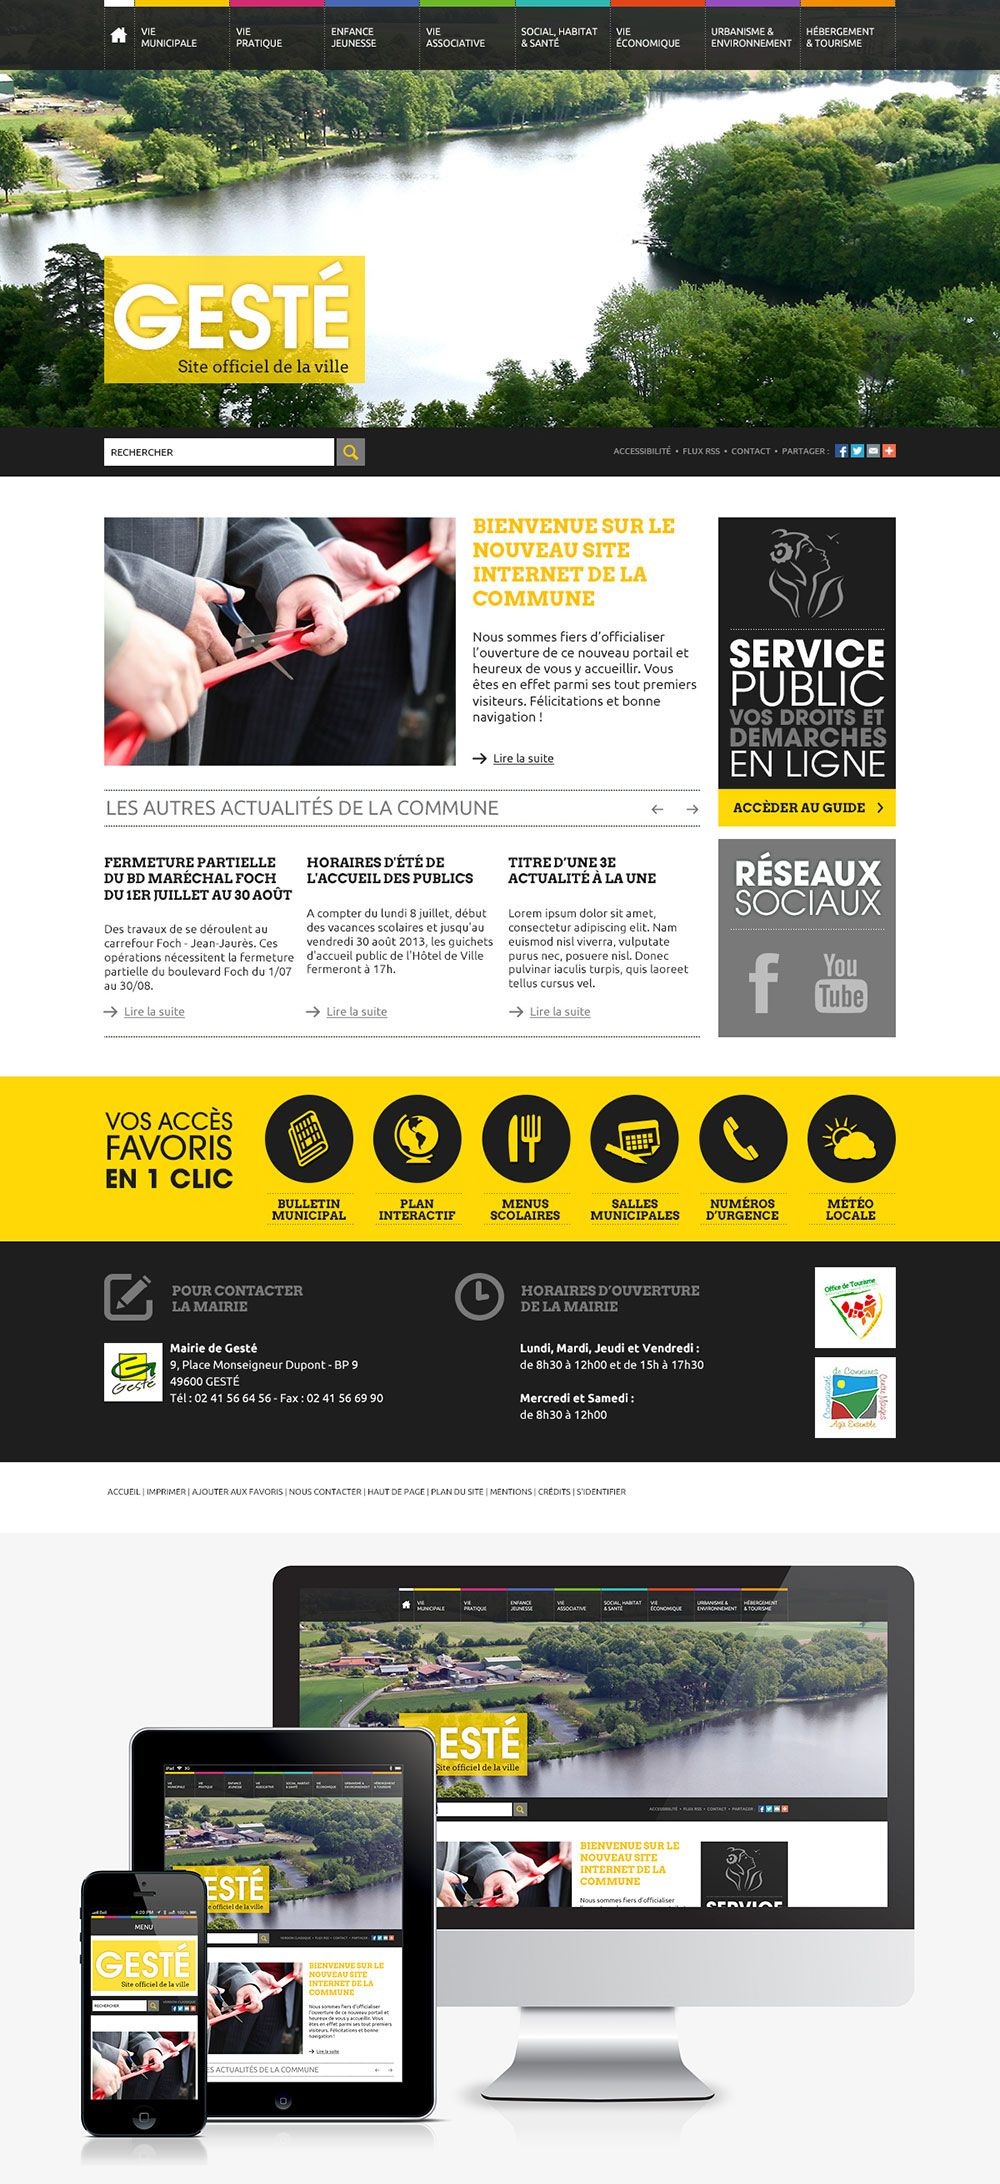 #Webdesign #Responsive #Mairie #Ville #Colterr: le nouveau site web de la mairie de Gesté (49) http://www.mairie-geste.fr